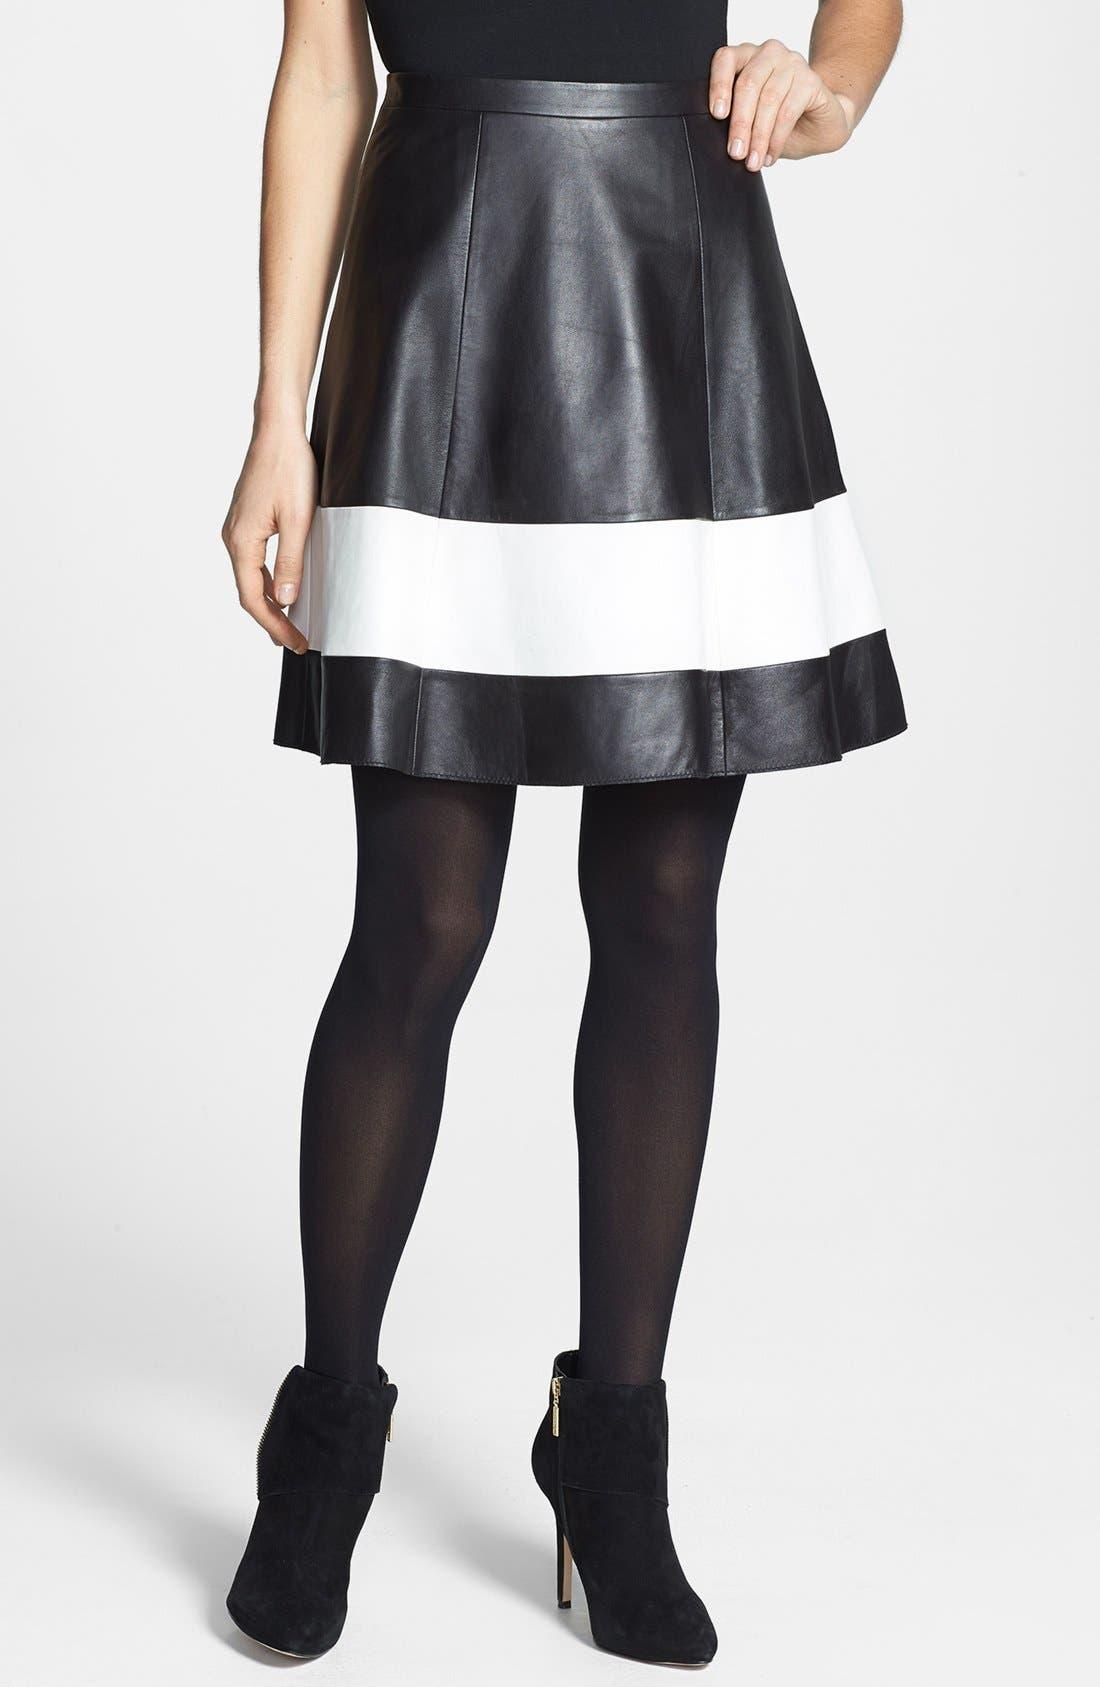 Alternate Image 1 Selected - Halogen® Contrast Border Flared Leather Skirt